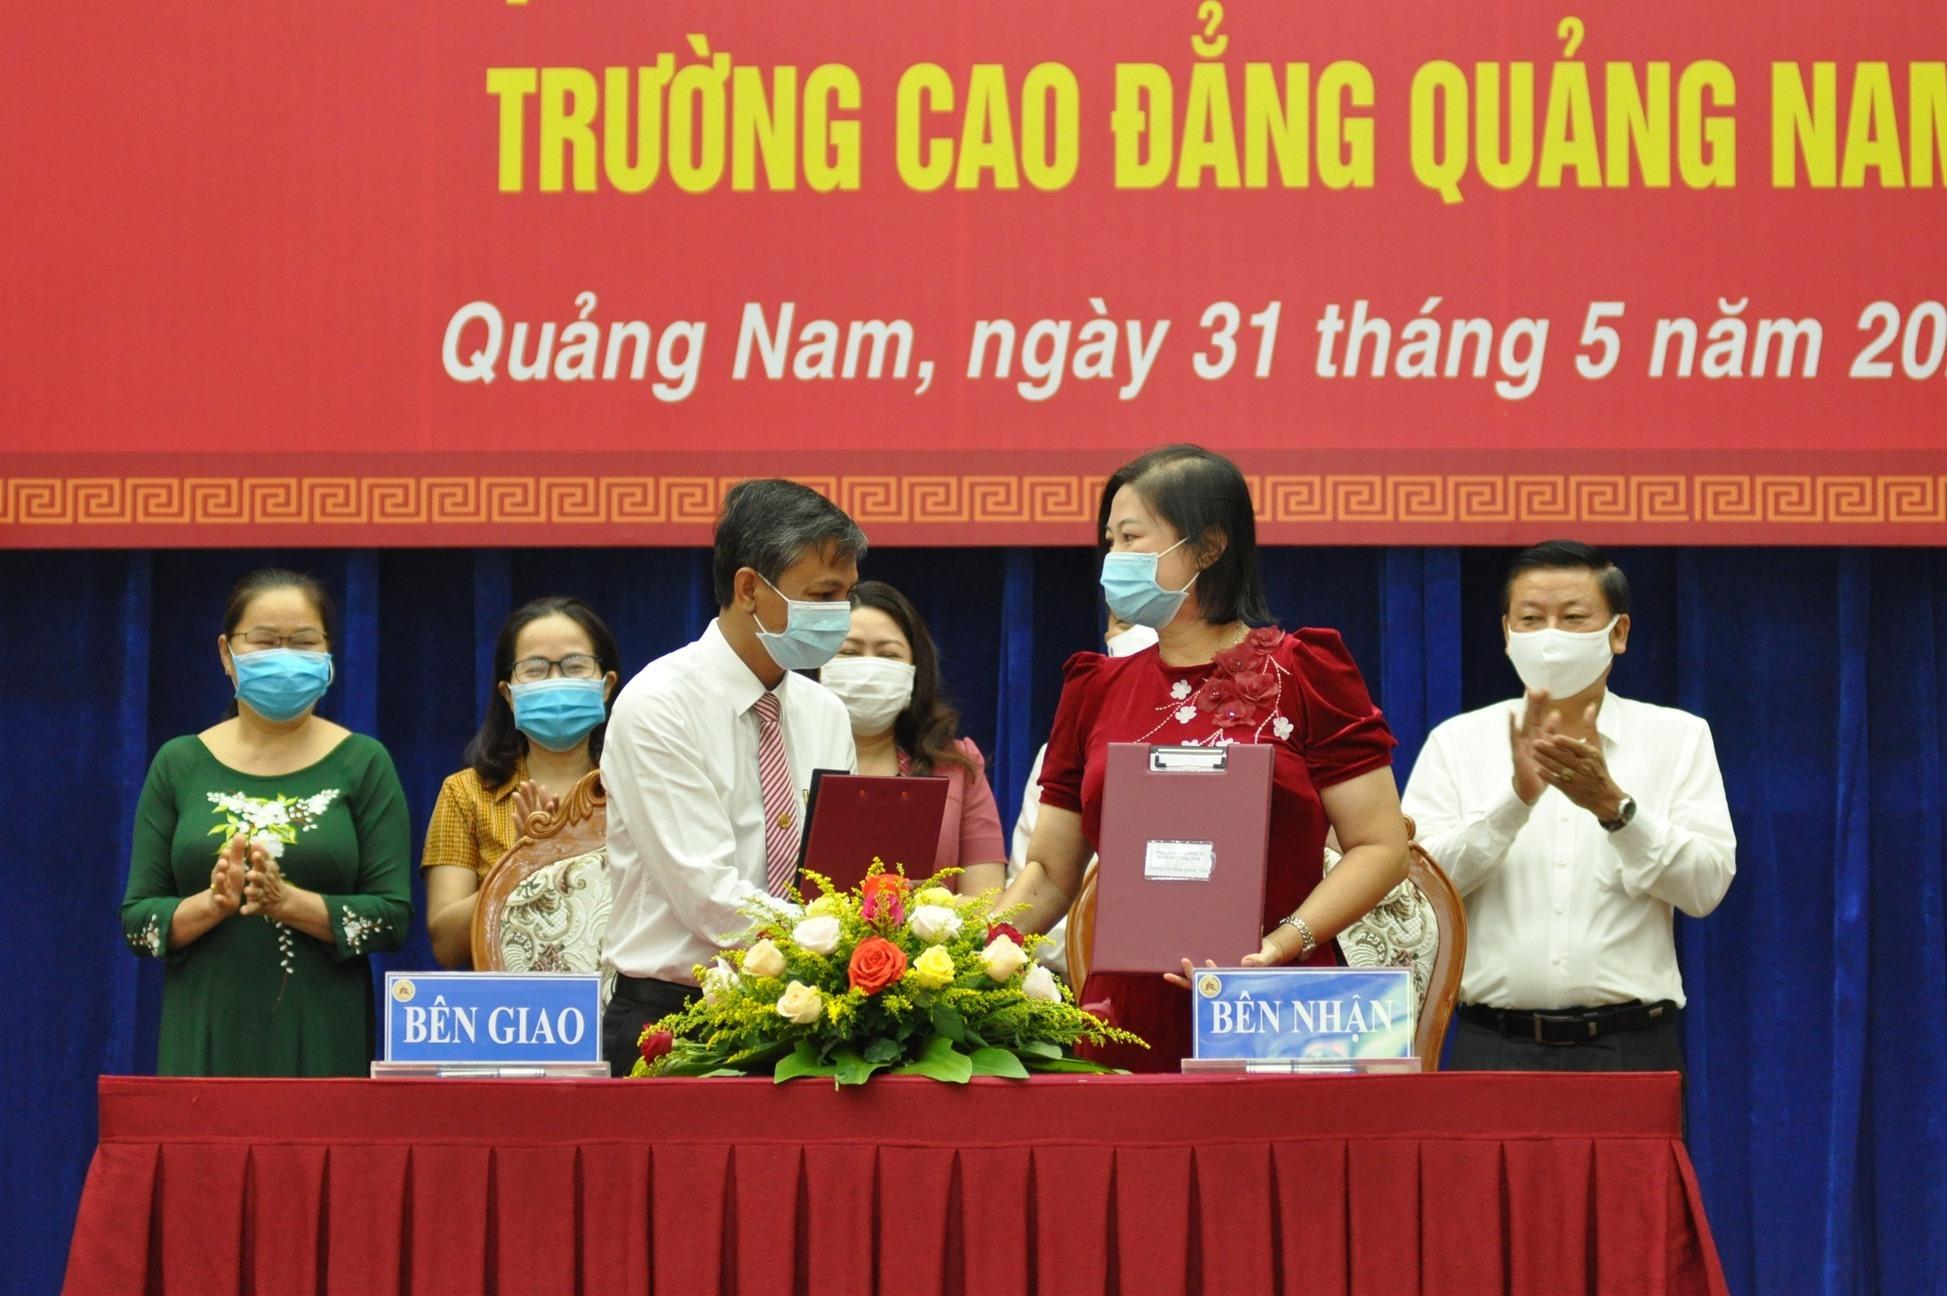 Dưới sự chứng kiến của lãnh đạo tỉnh, lãnh đạo các trường cũ bàn giao cho lãnh đạo Trường Cao đẳng Quảng Nam. Ảnh: X.P